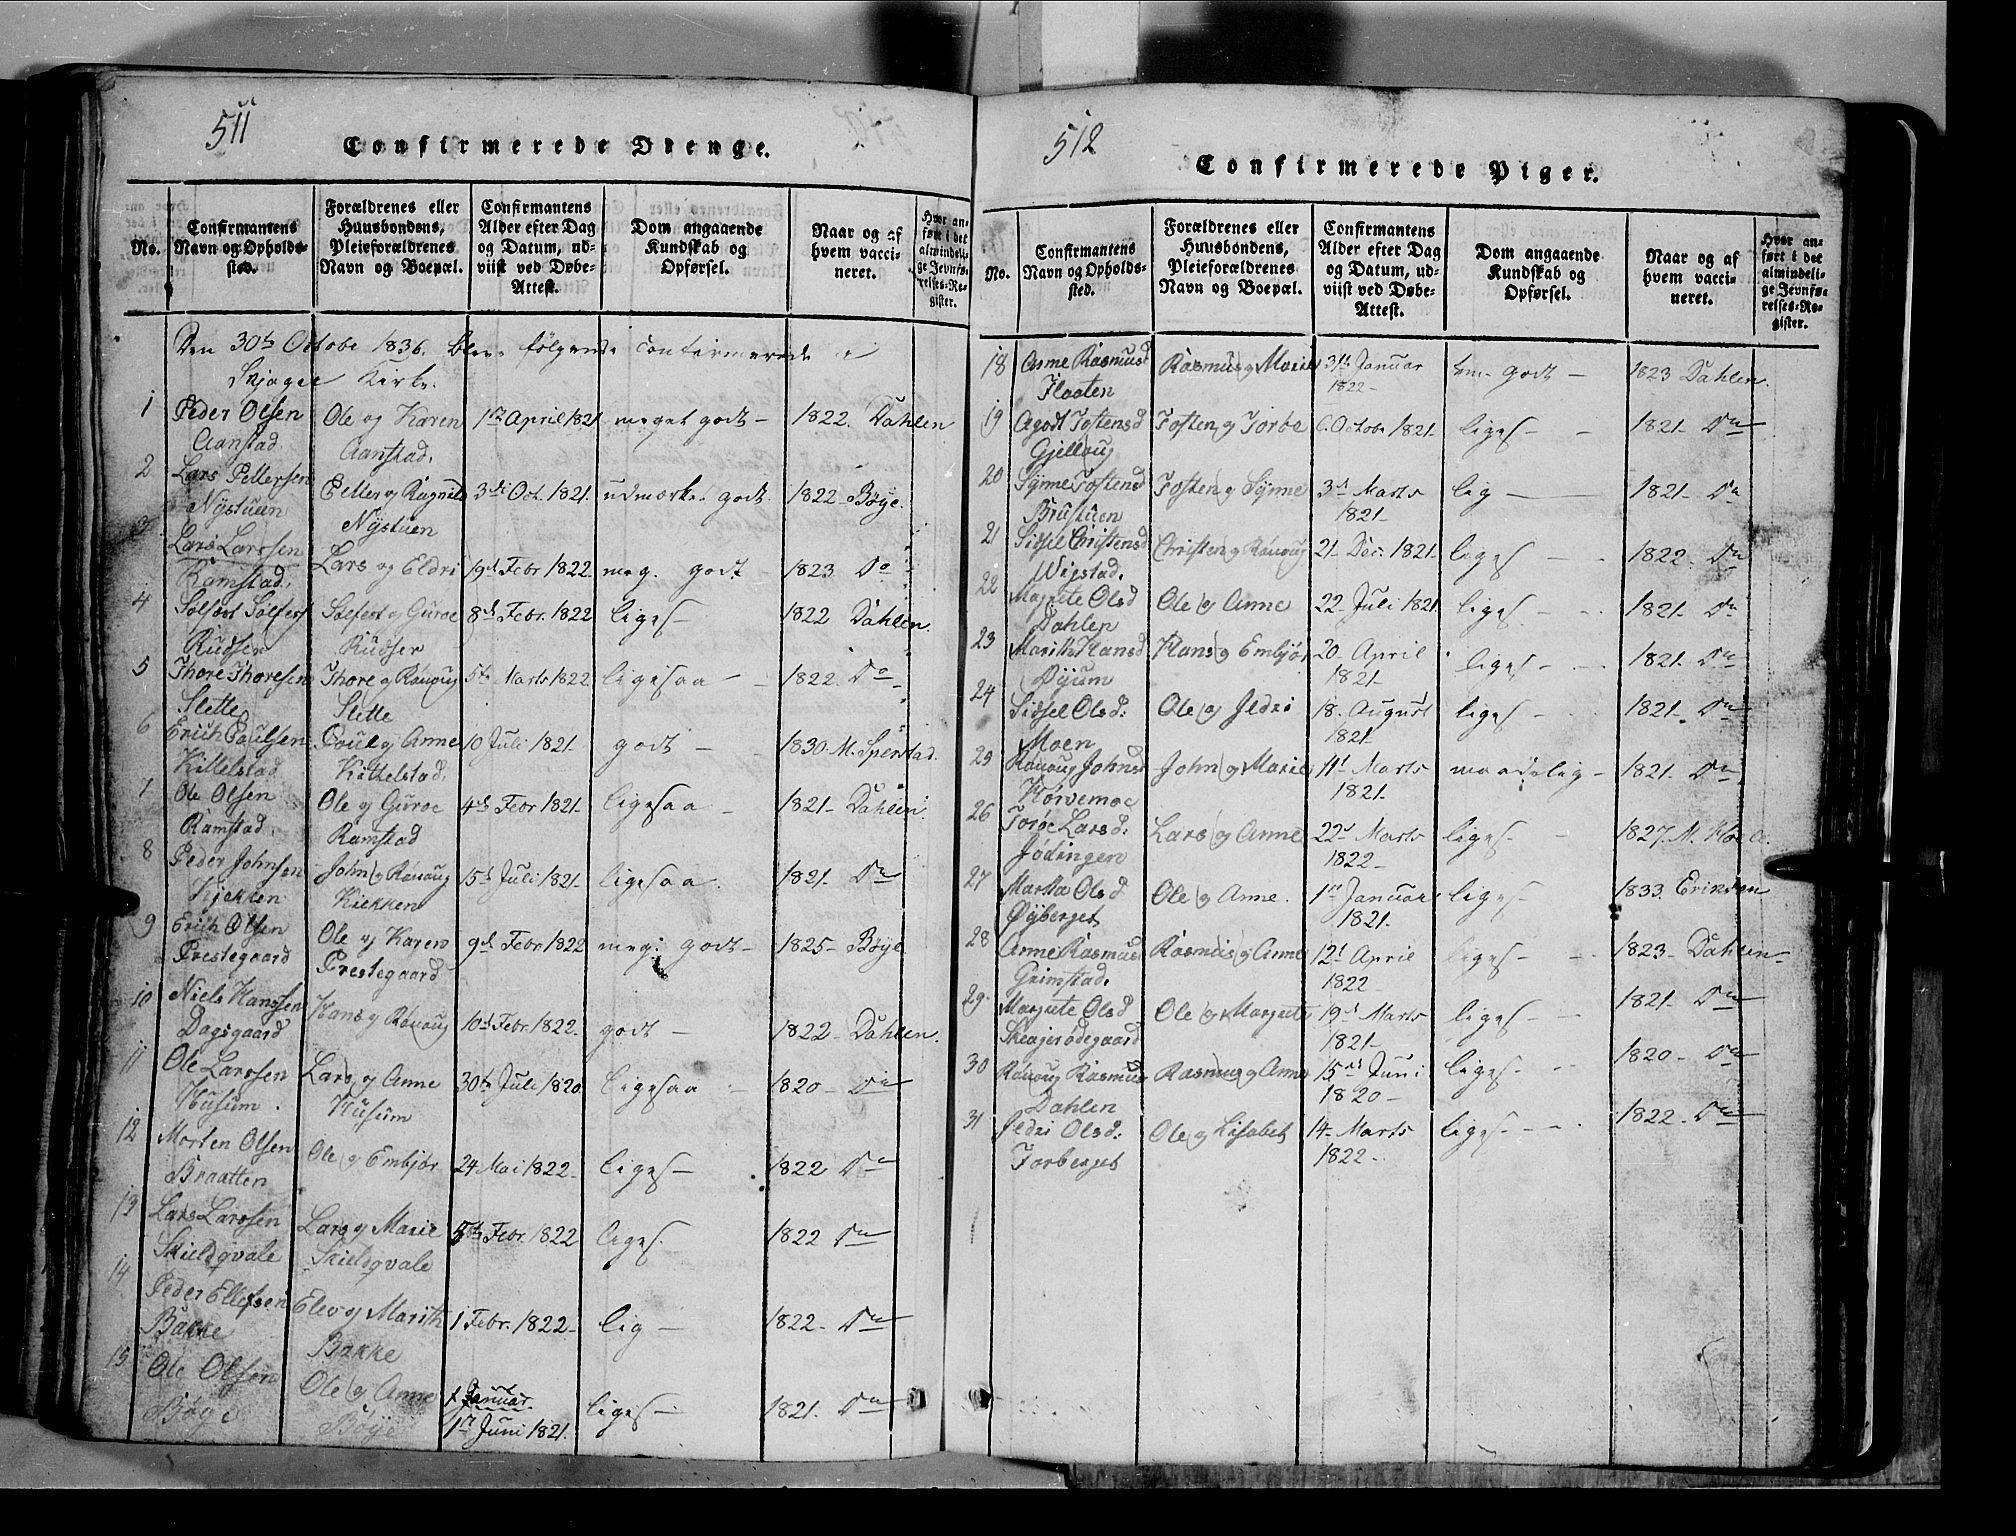 SAH, Lom prestekontor, L/L0003: Klokkerbok nr. 3, 1815-1844, s. 511-512